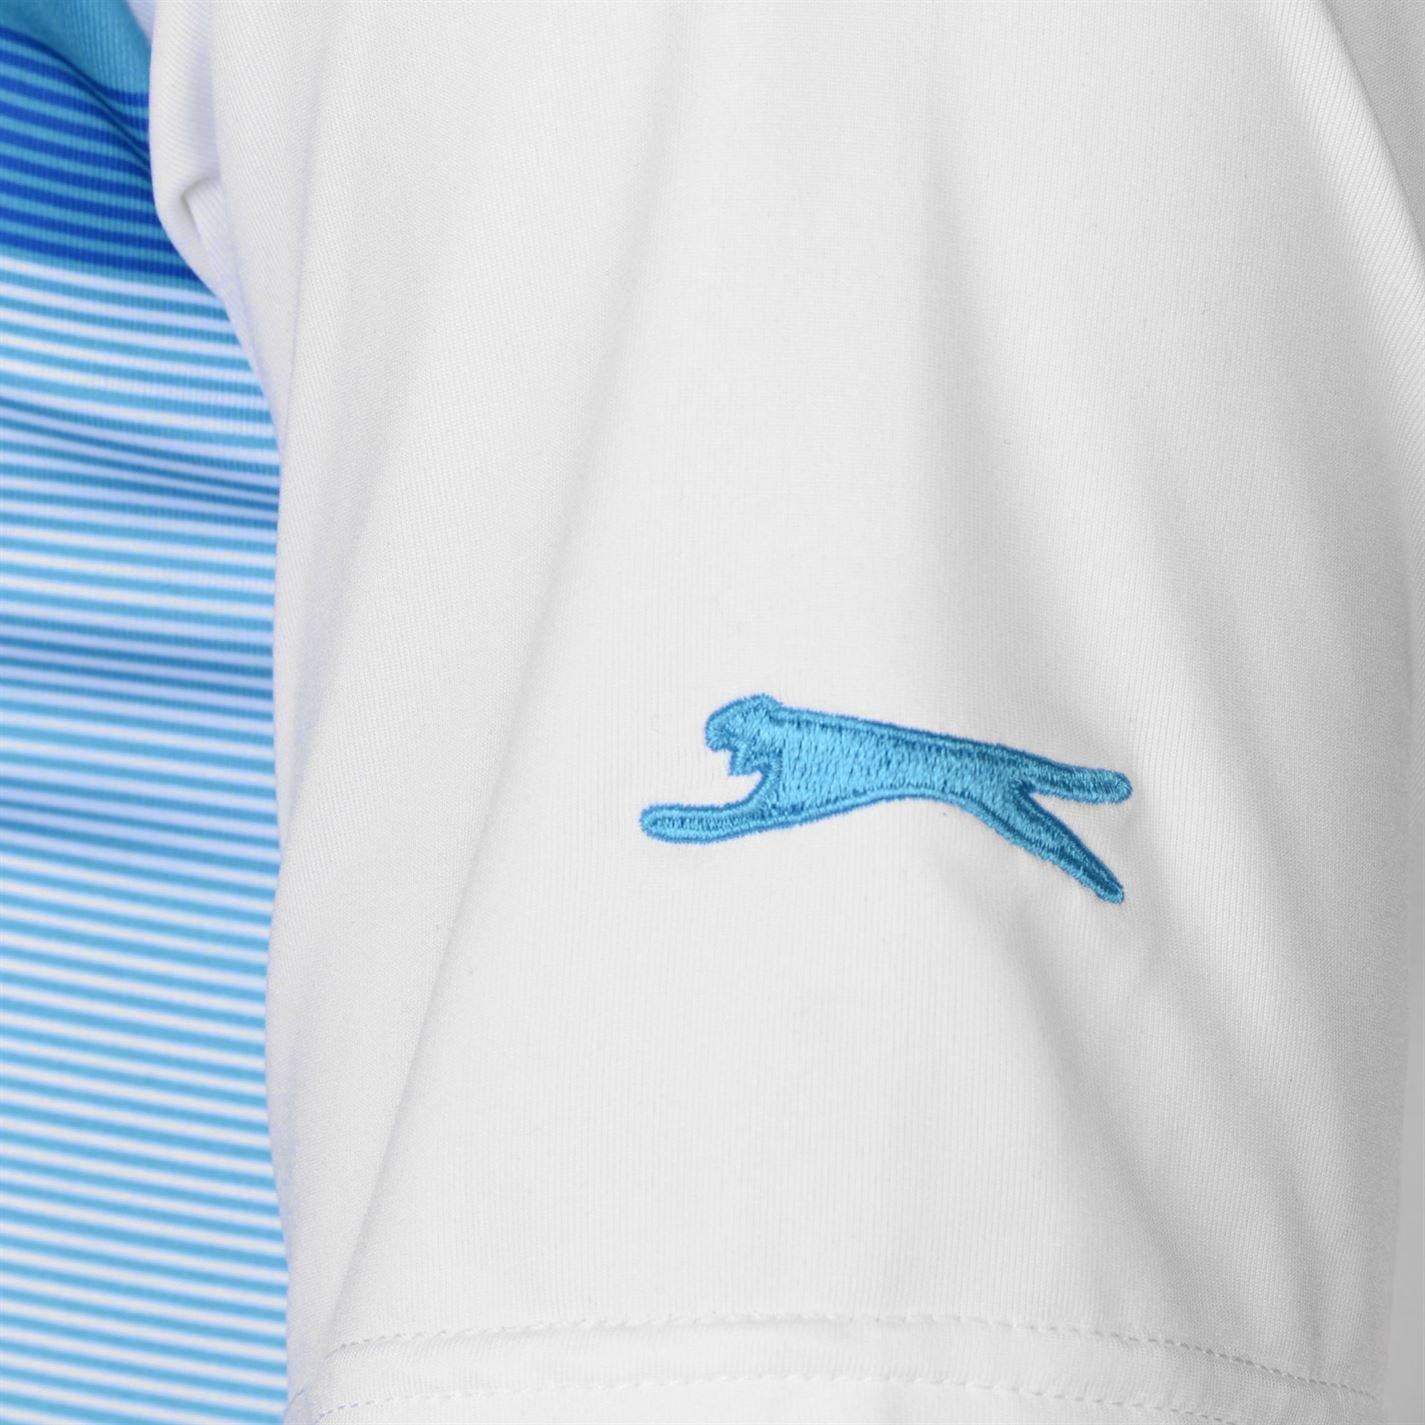 Slazenger Herren-Poloshirt, kurzarm B07J5QQWDS Poloshirts Lass unsere Waren in die die die Welt gehen 7385cd